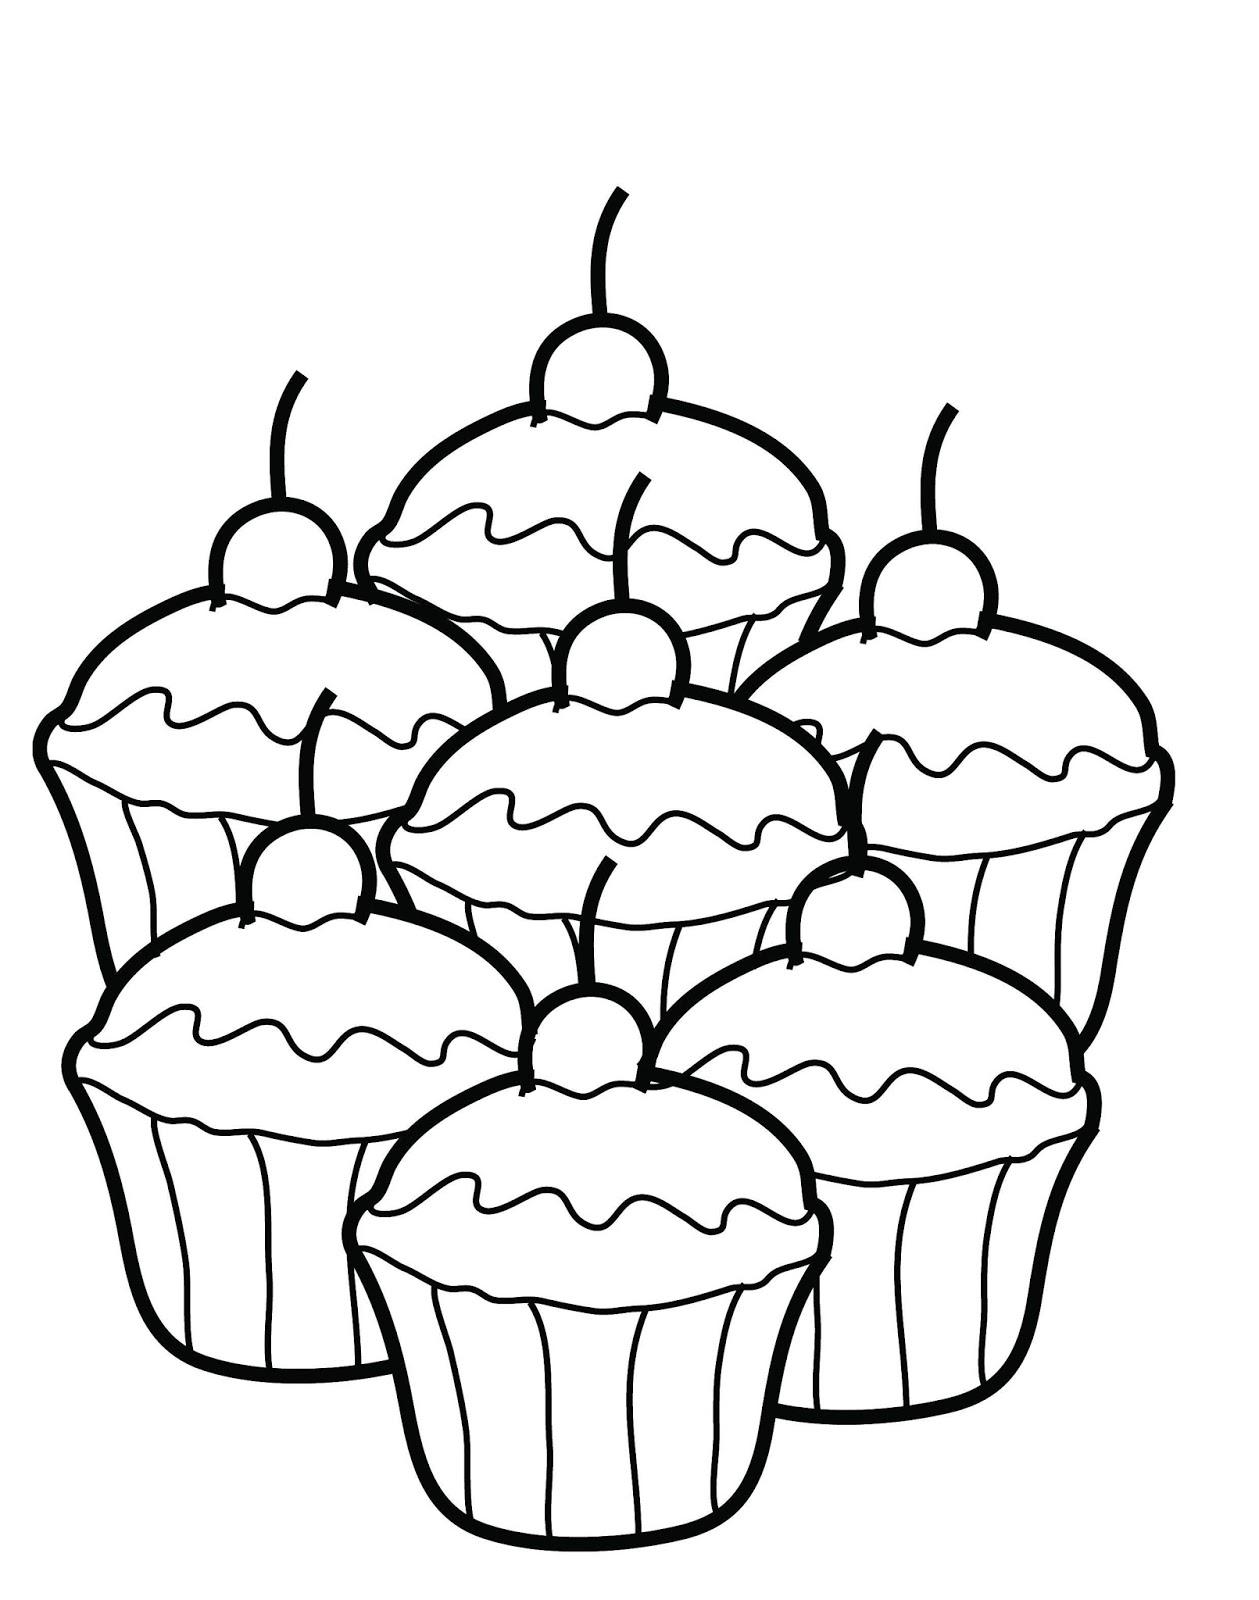 Dessins et coloriages page de coloriage grand format imprimer des petits cupcakes - Coloriage grand format ...